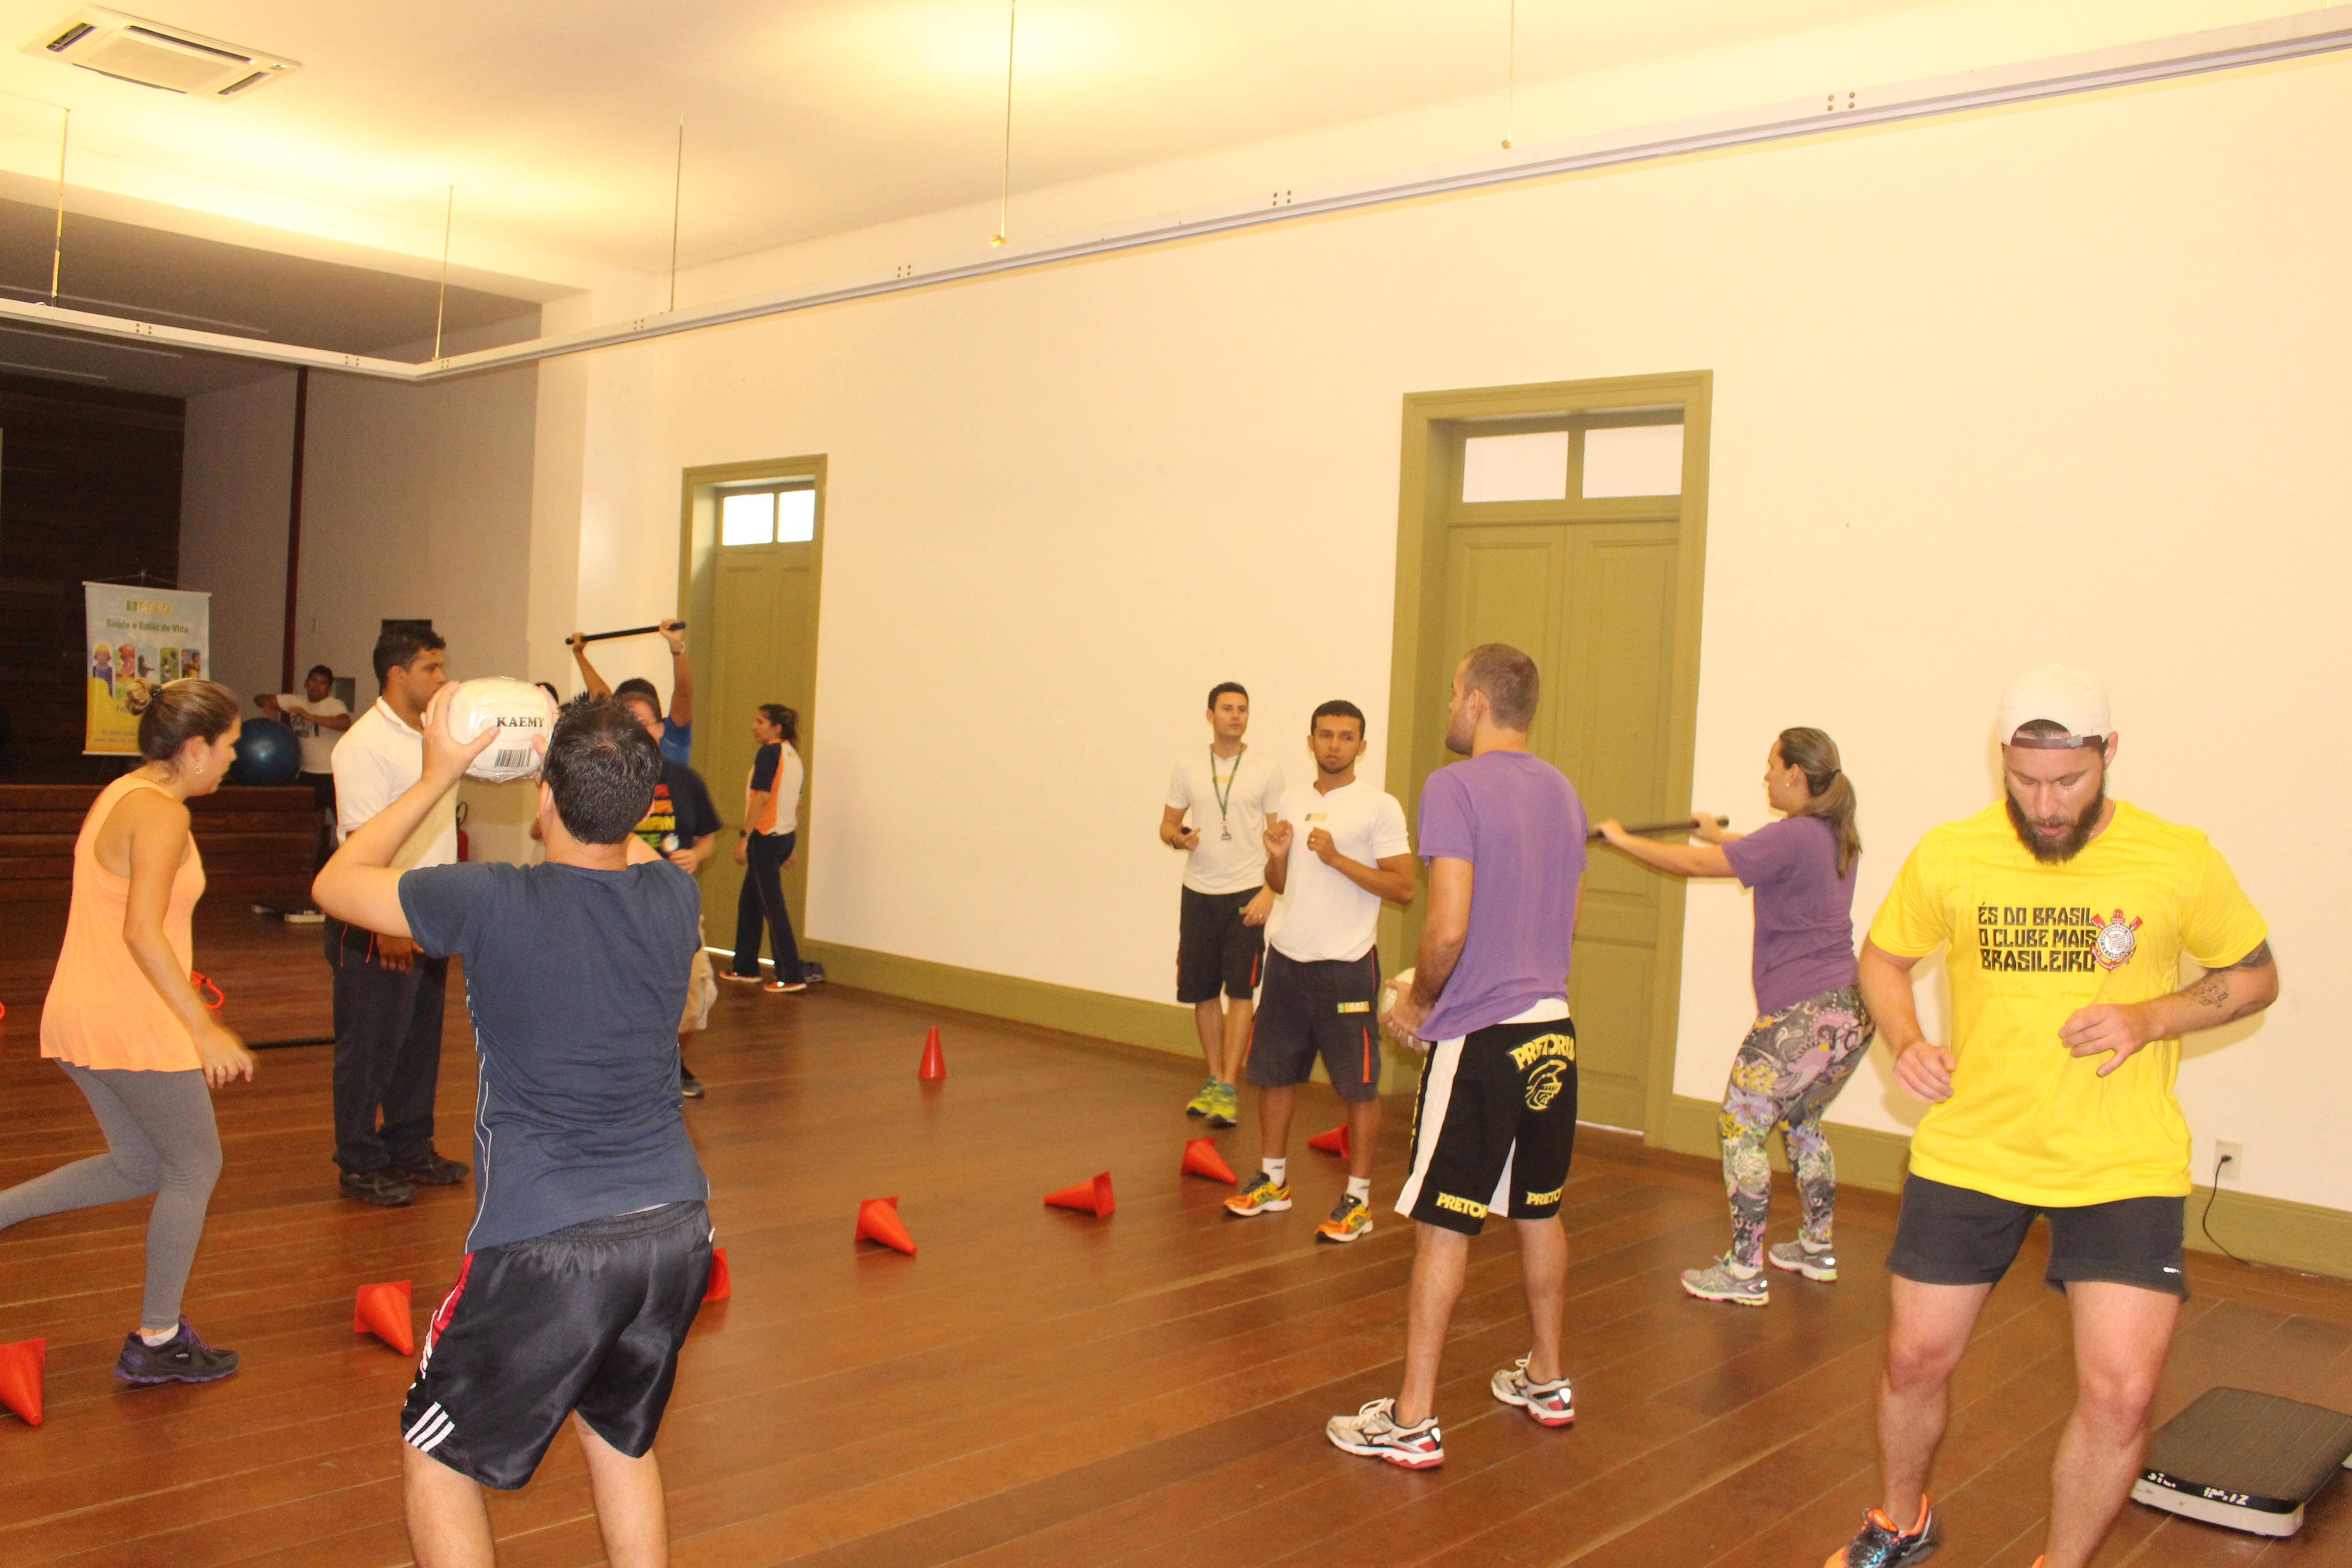 Atividades físicas corporativas estão mais frequentes entre empresas cearenses (FOTO: Divulgação)